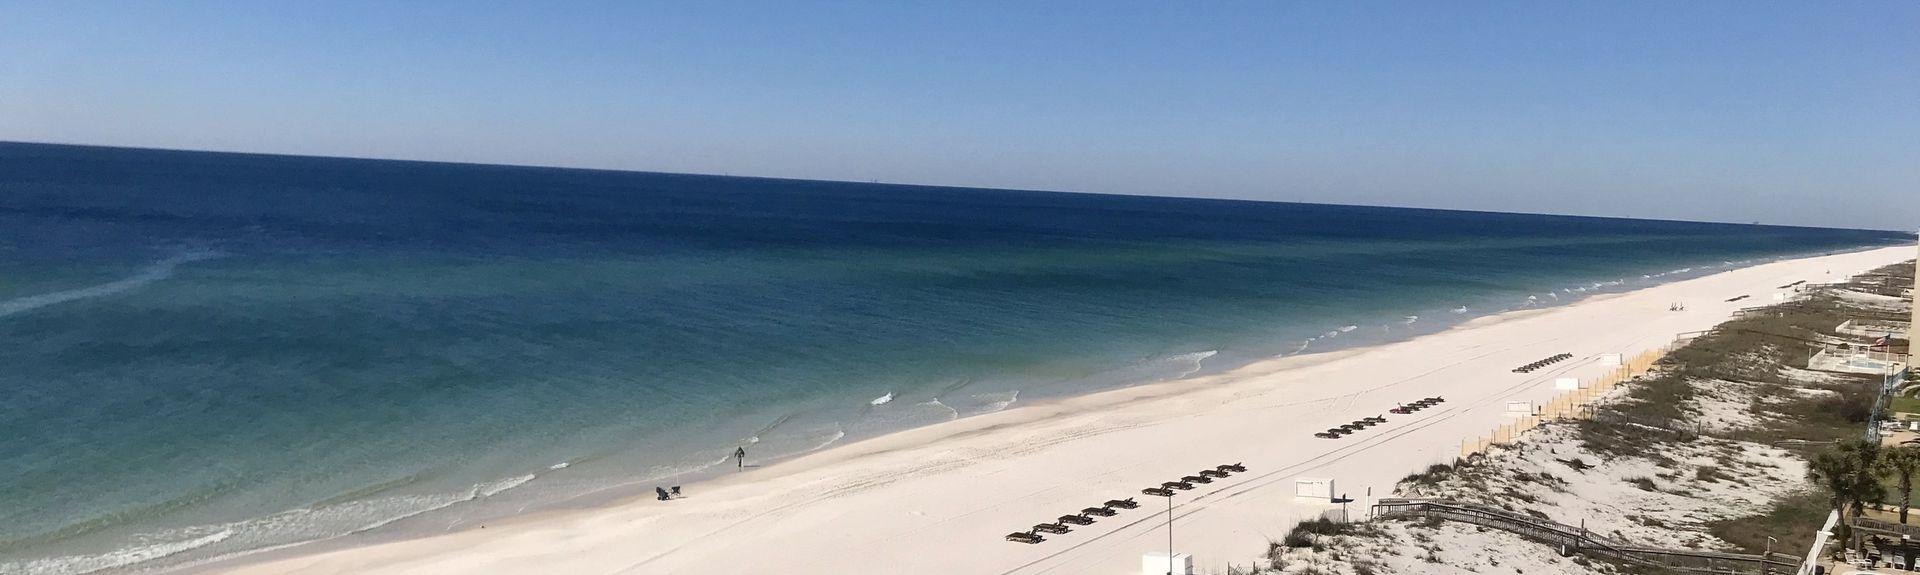 Westwind (Gulf Shores, Alabama, United States)